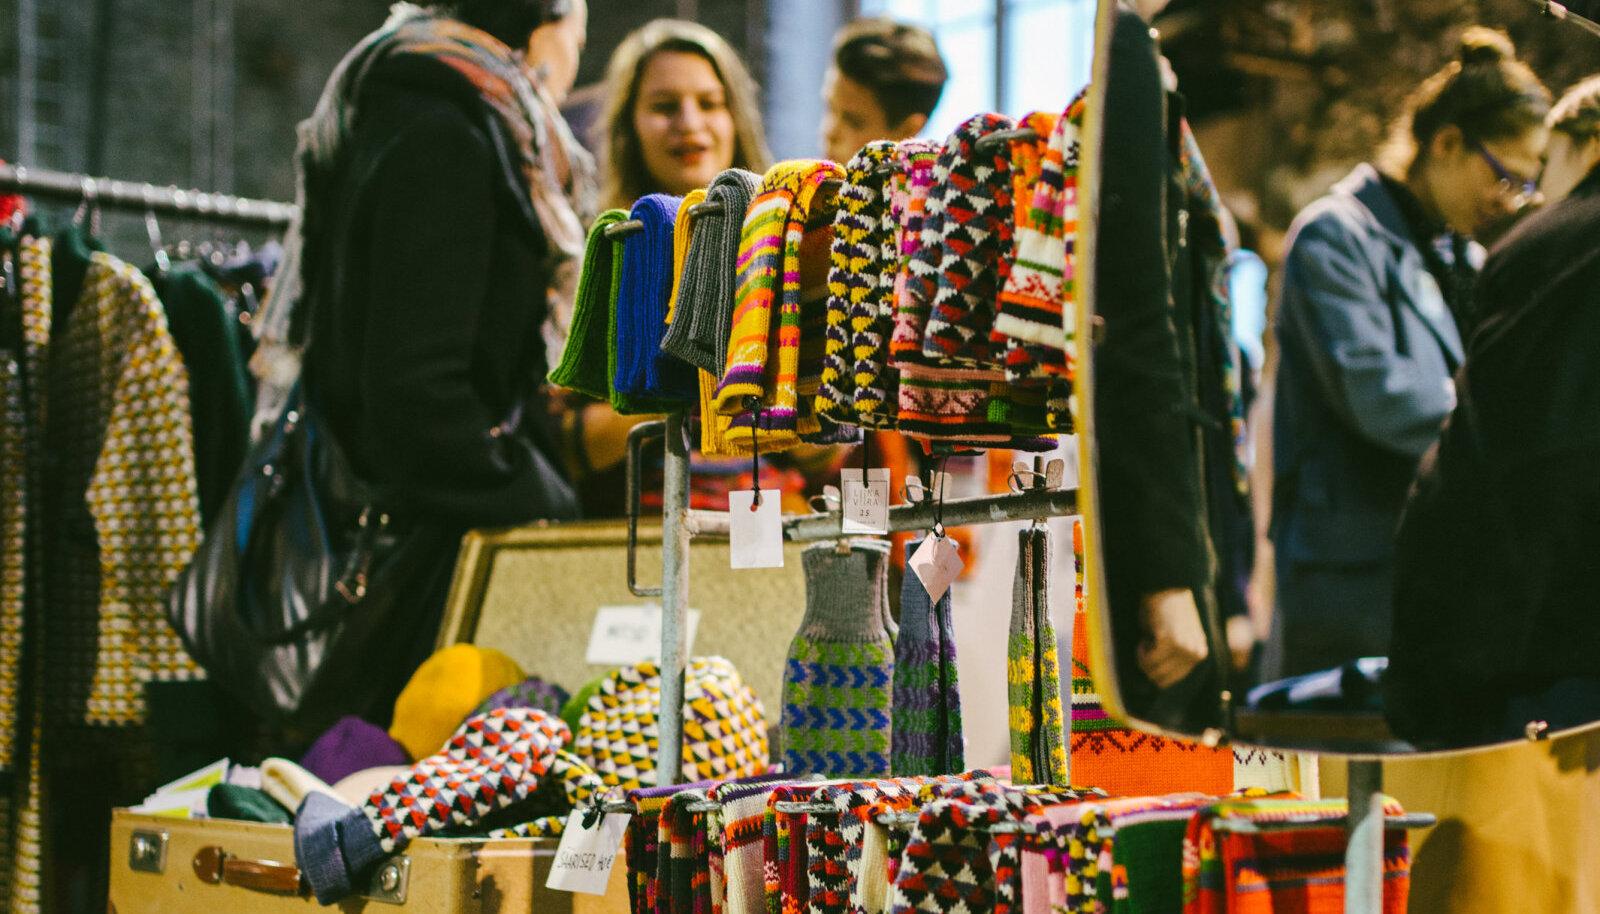 Eelmise aasta lõpus Kultuurikatlas toimunud Disainiturg tõi kohele üle 5000 külastaja ja oma loodut müüs üle 80 Eesti ja Leedu disaineri ja kaubamärgi